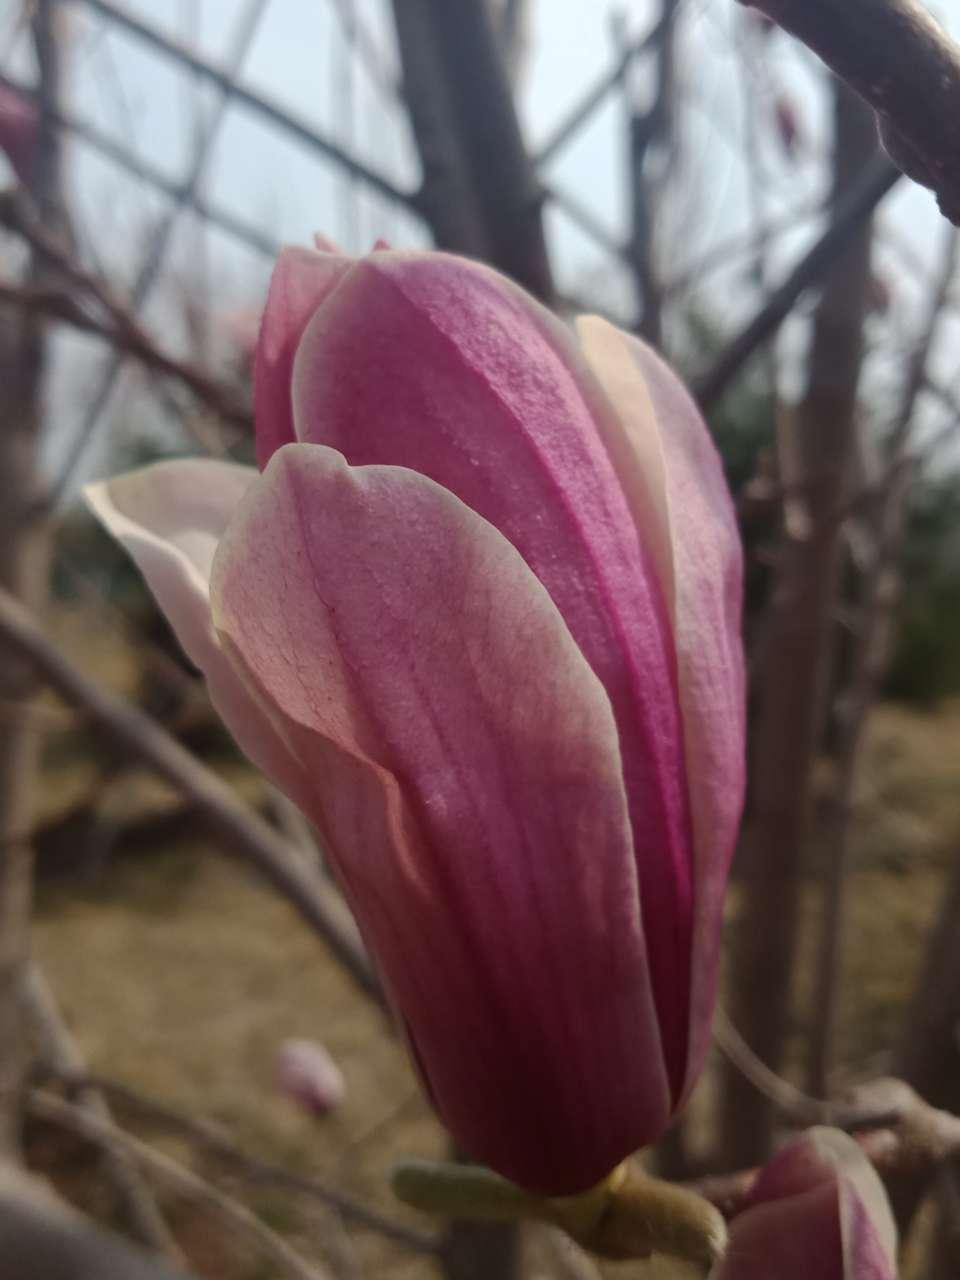 白玉兰花,紫玉兰花,好像会动-14.jpg